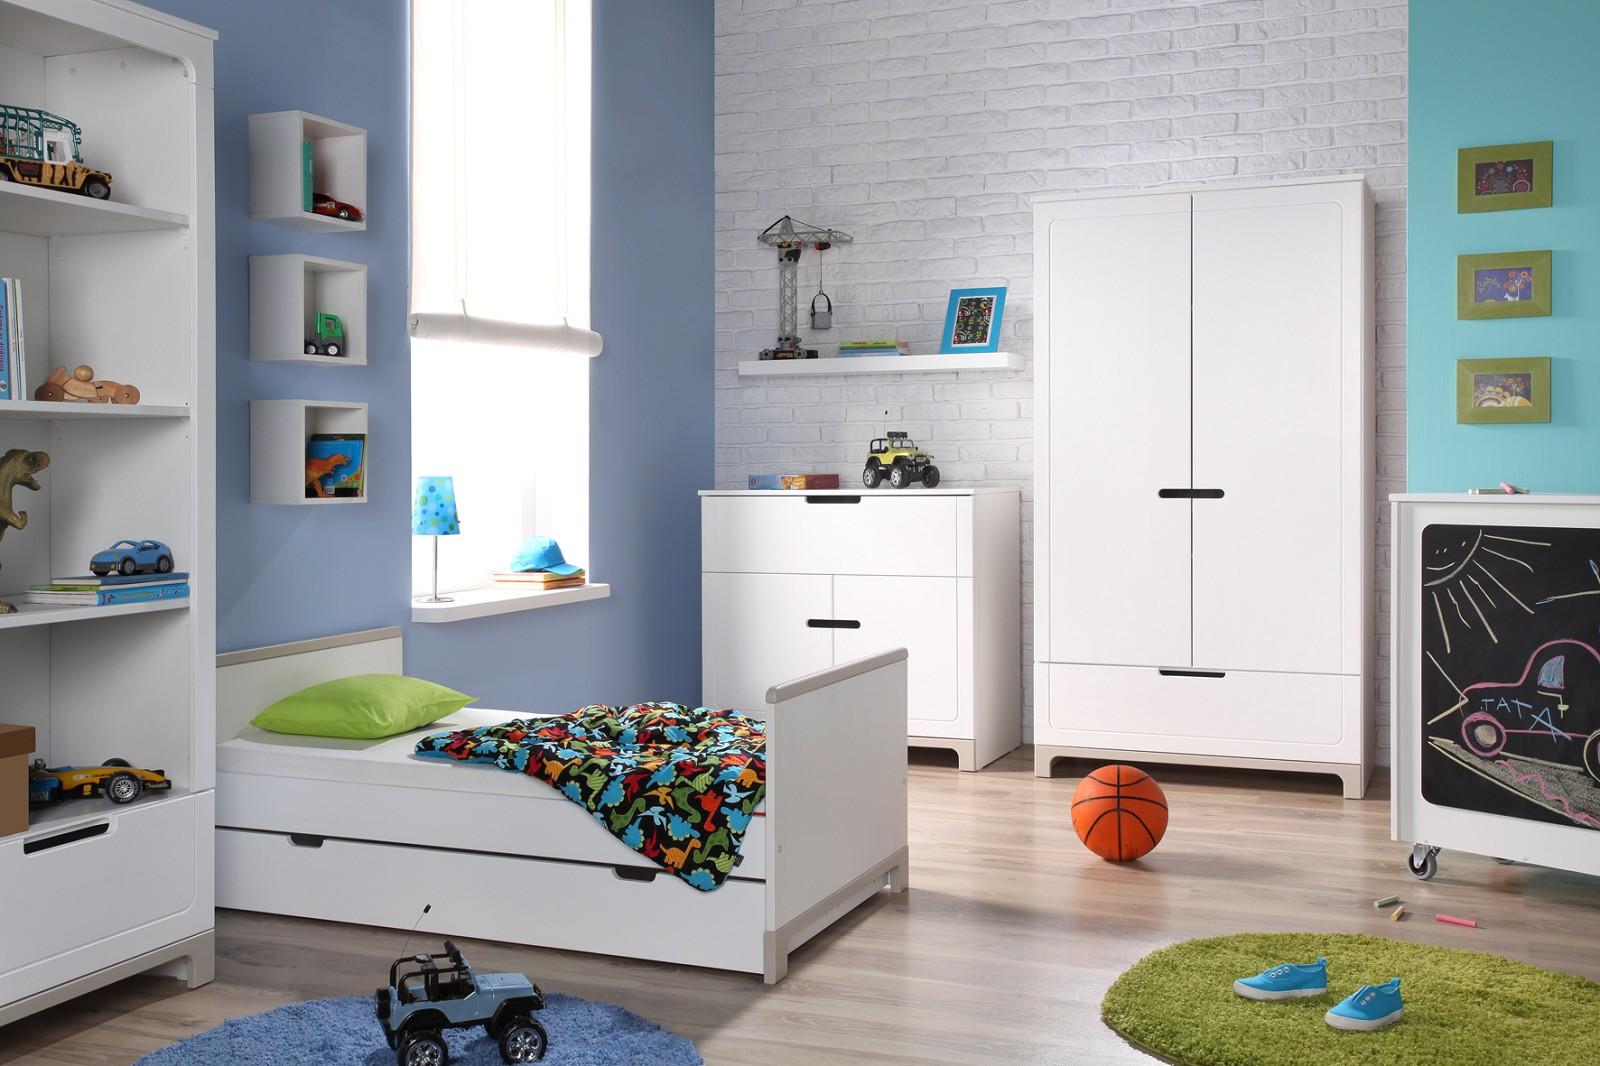 Full Size of Aufbewahrungsbowei Creme Mspainty Online Kaufen Furnart Regal Kinderzimmer Regale Sofa Weiß Aufbewahrungsbox Garten Wohnzimmer Aufbewahrungsbox Kinderzimmer